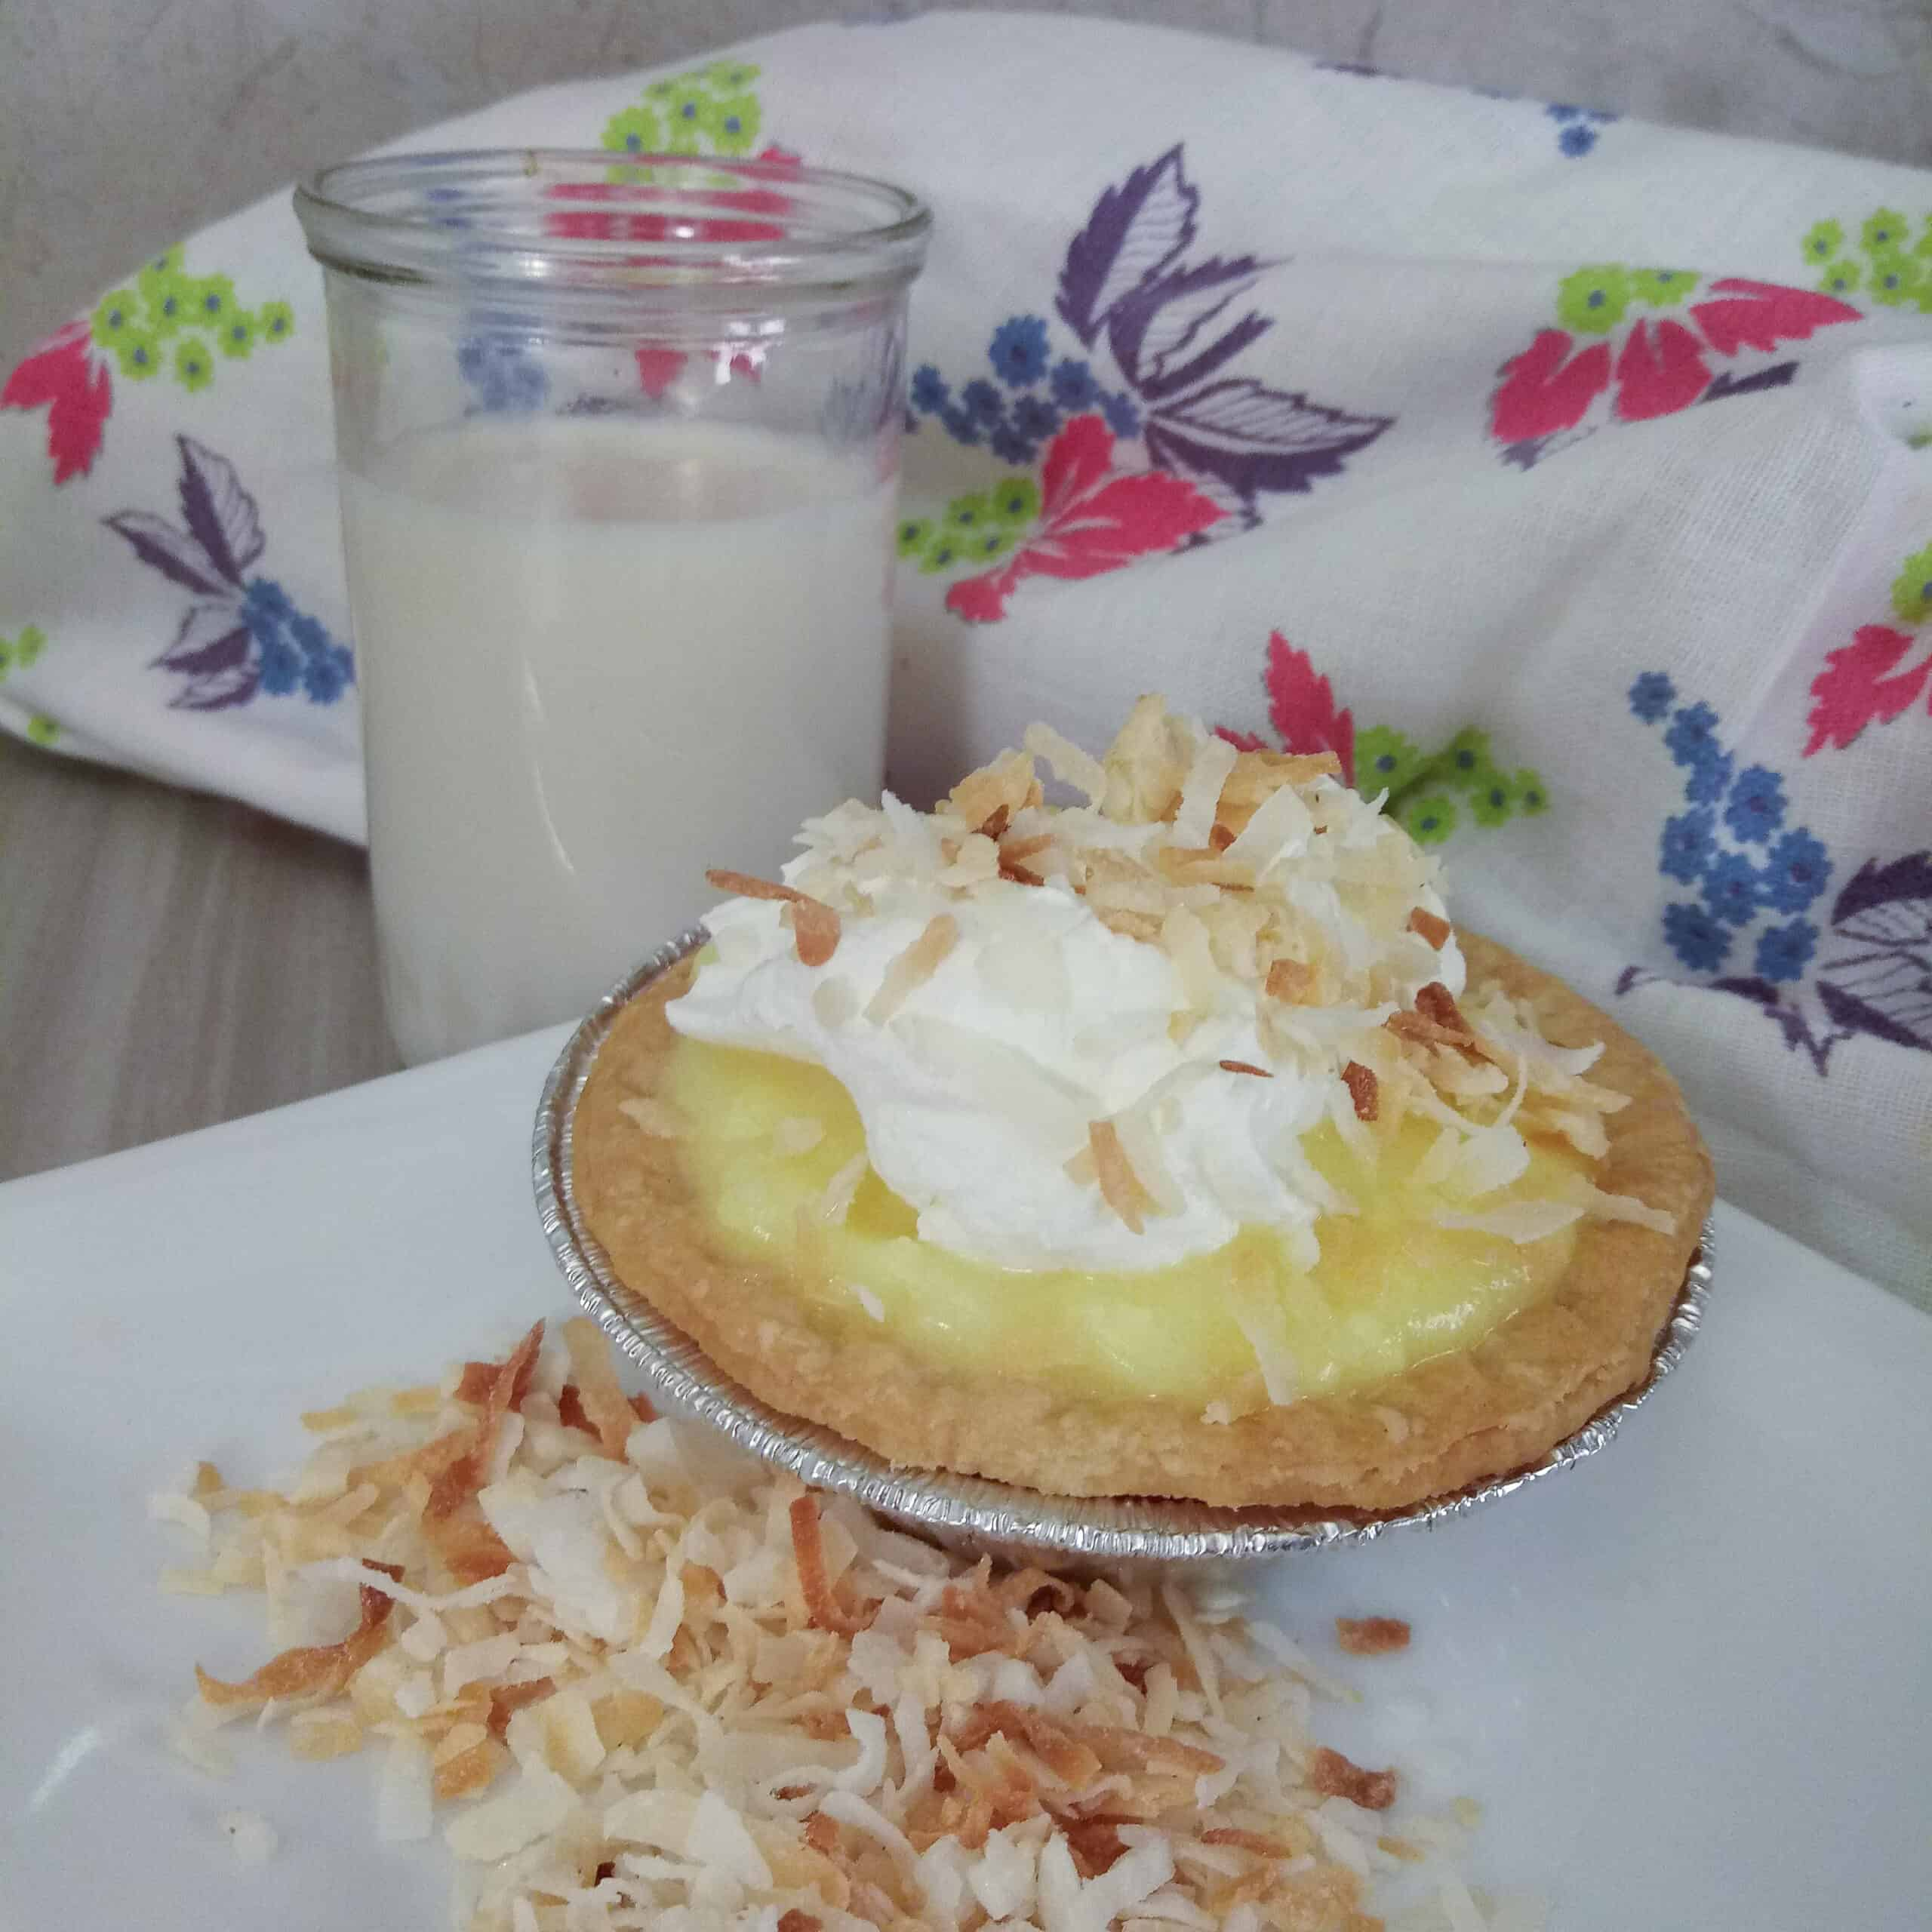 Coconut Cream Tart Pies